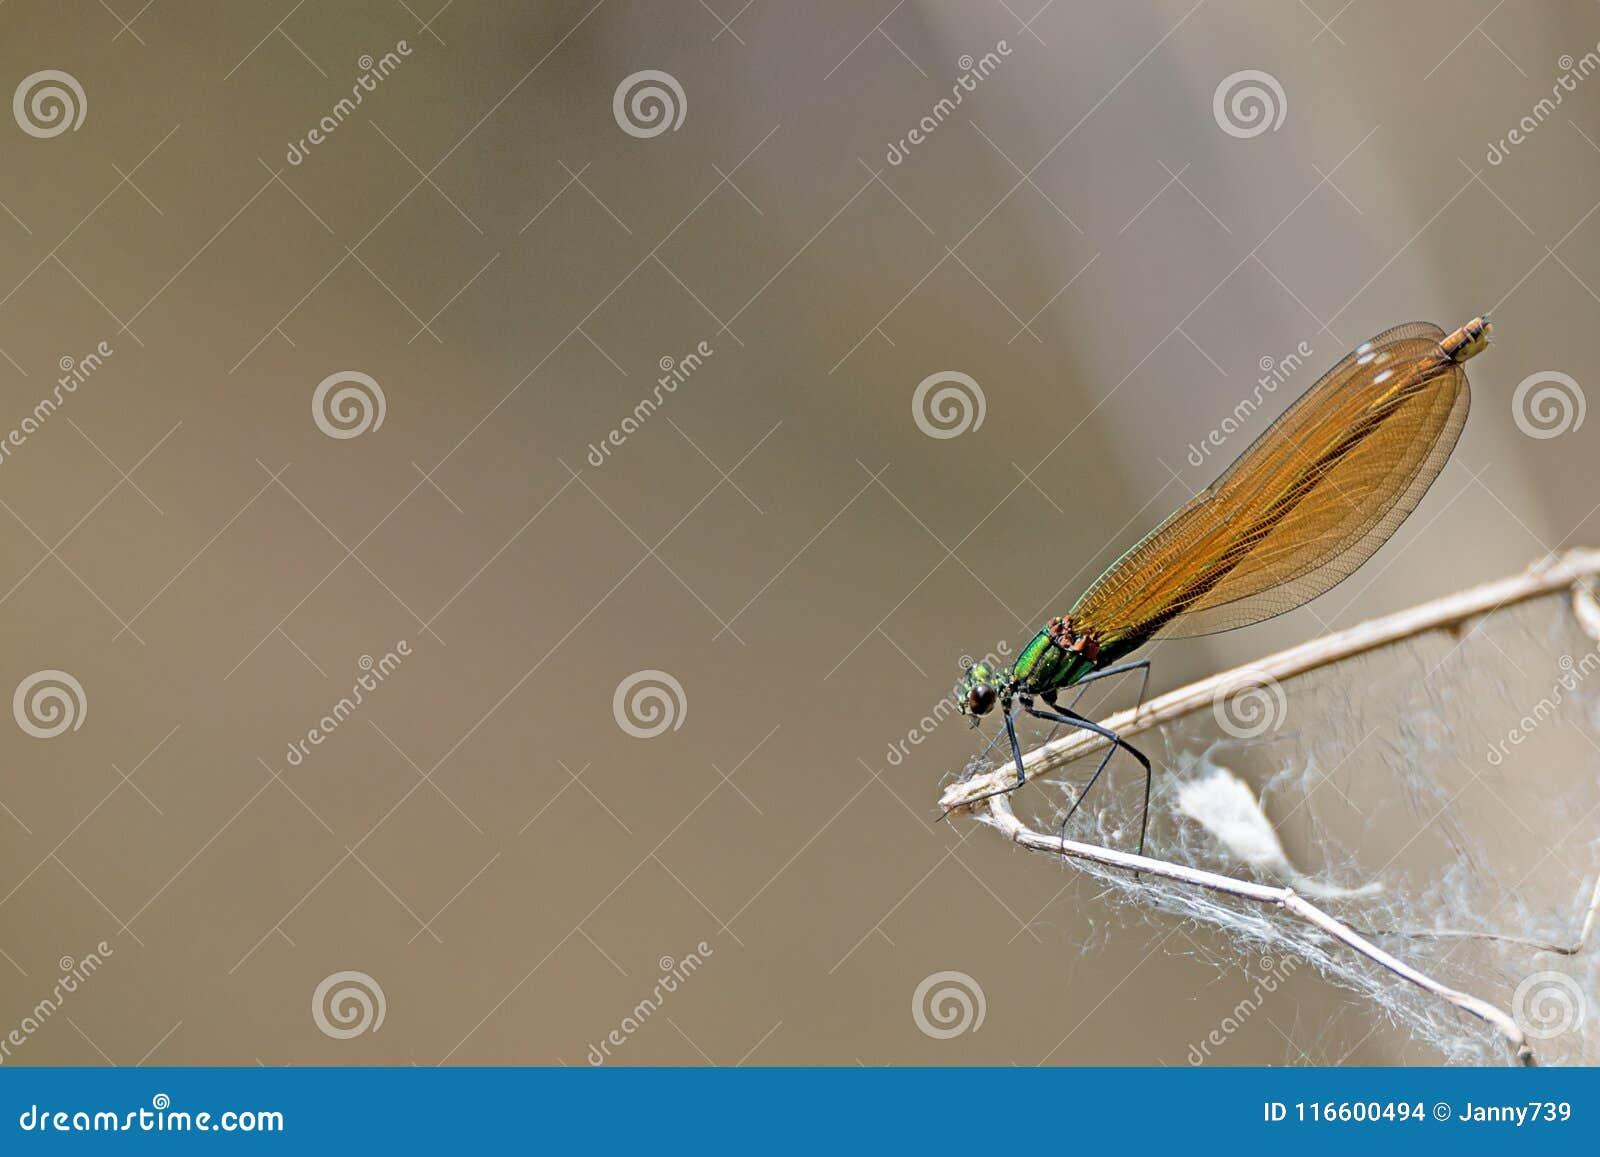 La libélula de bronce del esplendor se sienta en una rama contra fondo marrón borroso